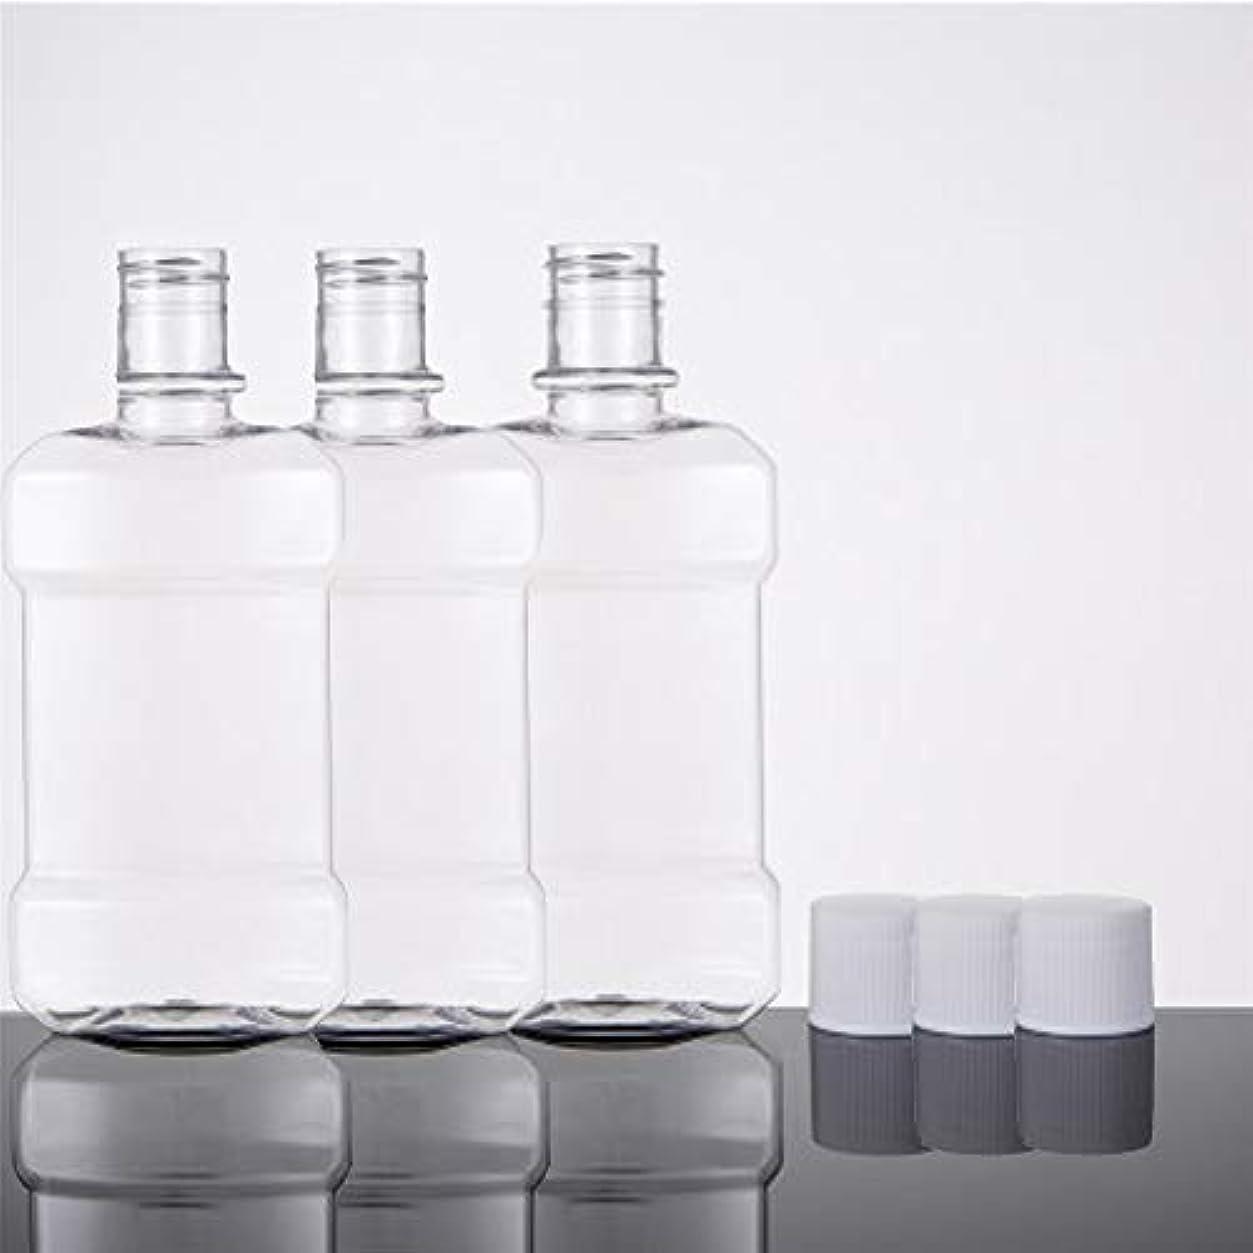 小麦絡まるバンクSHKI マウスウォッシュ専用詰め替えボトル 250ml*3個 空ボトル 3個セット 持ち運び便利